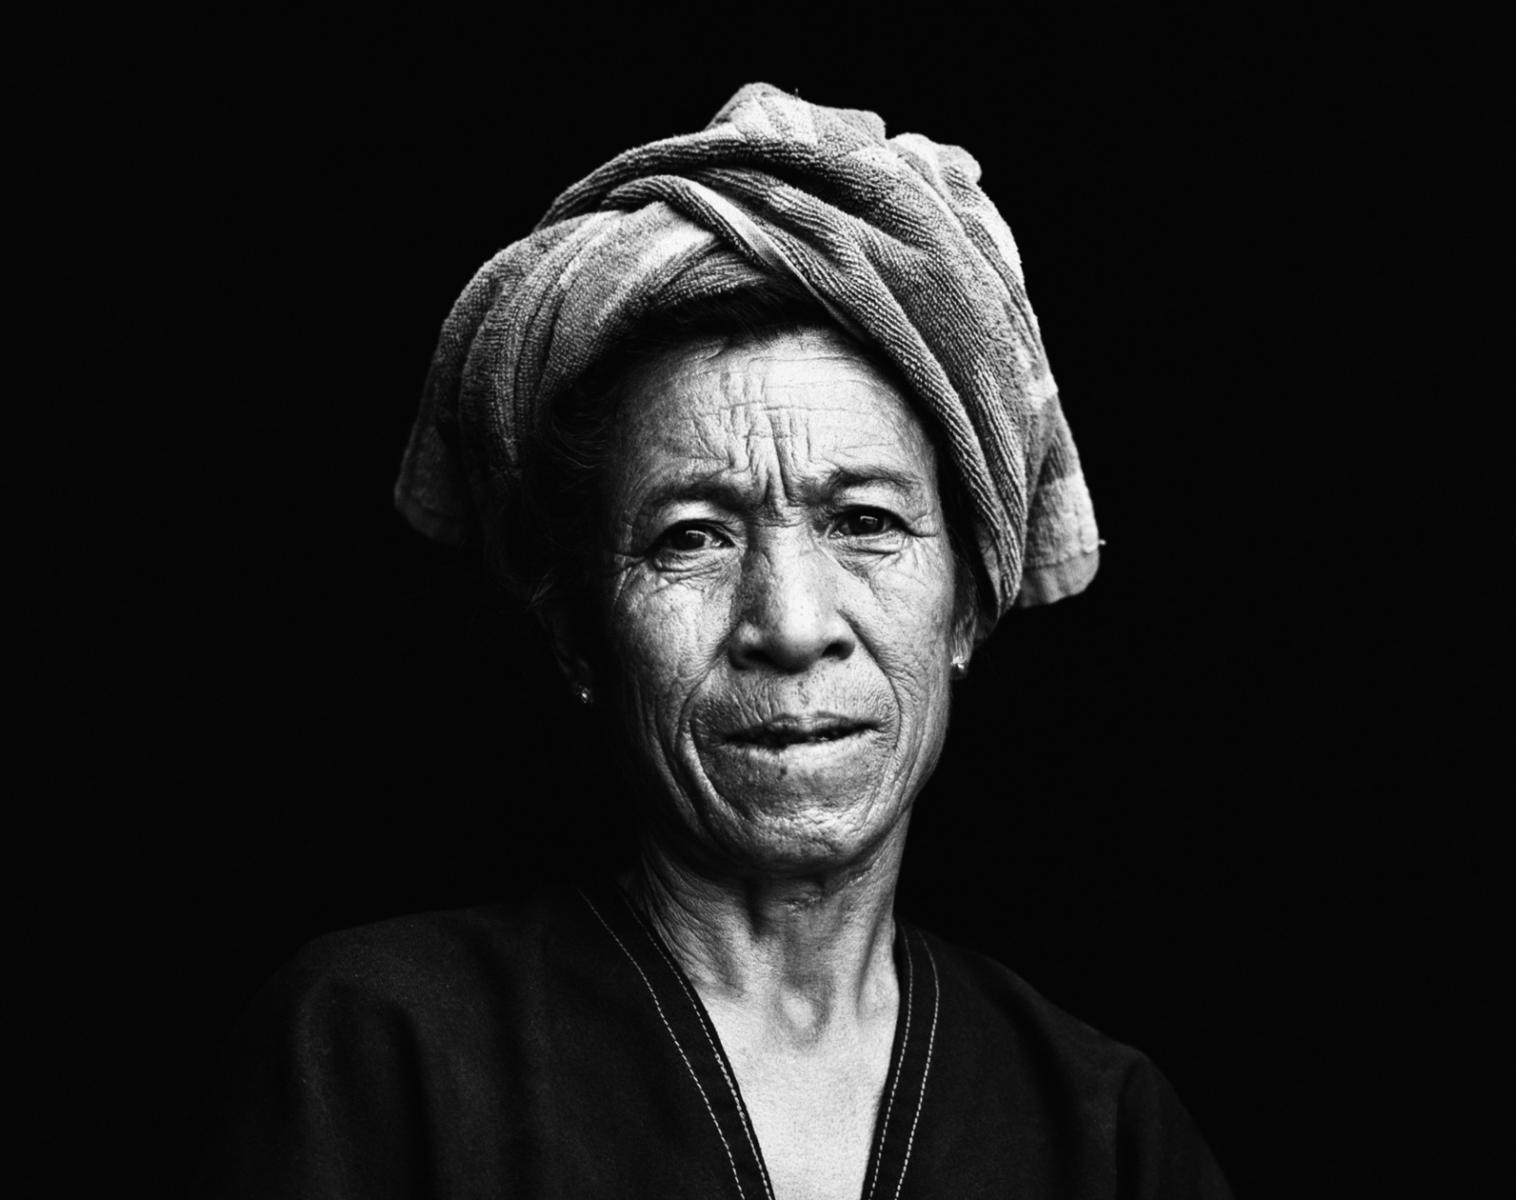 Birmanie  Voyage Photo en Birmanie, La Sereine Lumière   Découverte Photo Rencontres et cultures du Monde